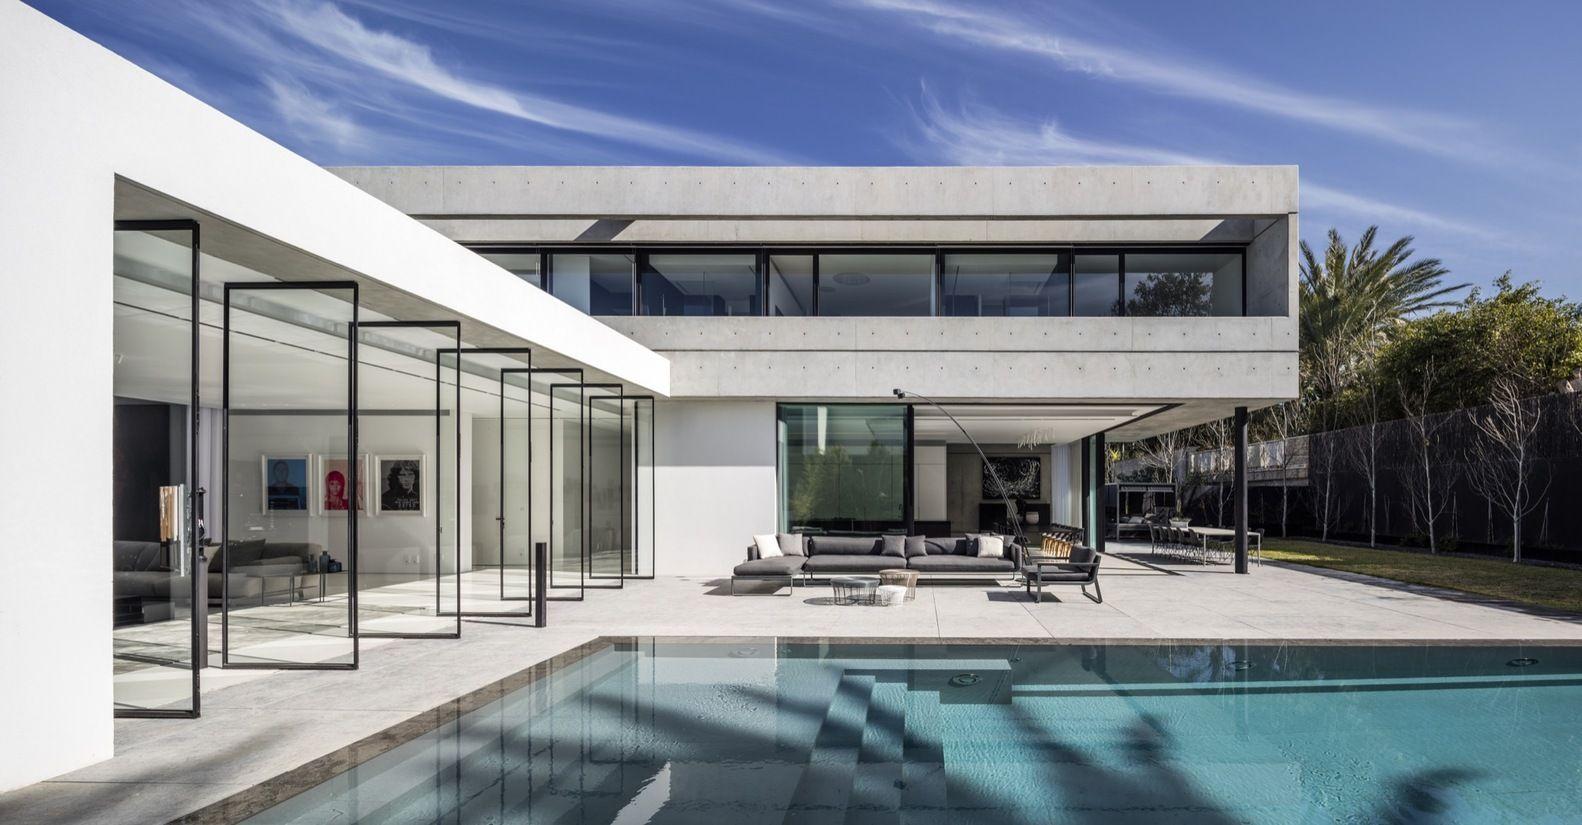 Exterieur Maison Moderne Frais 33 Luxe S De Allee Entree Maison ...